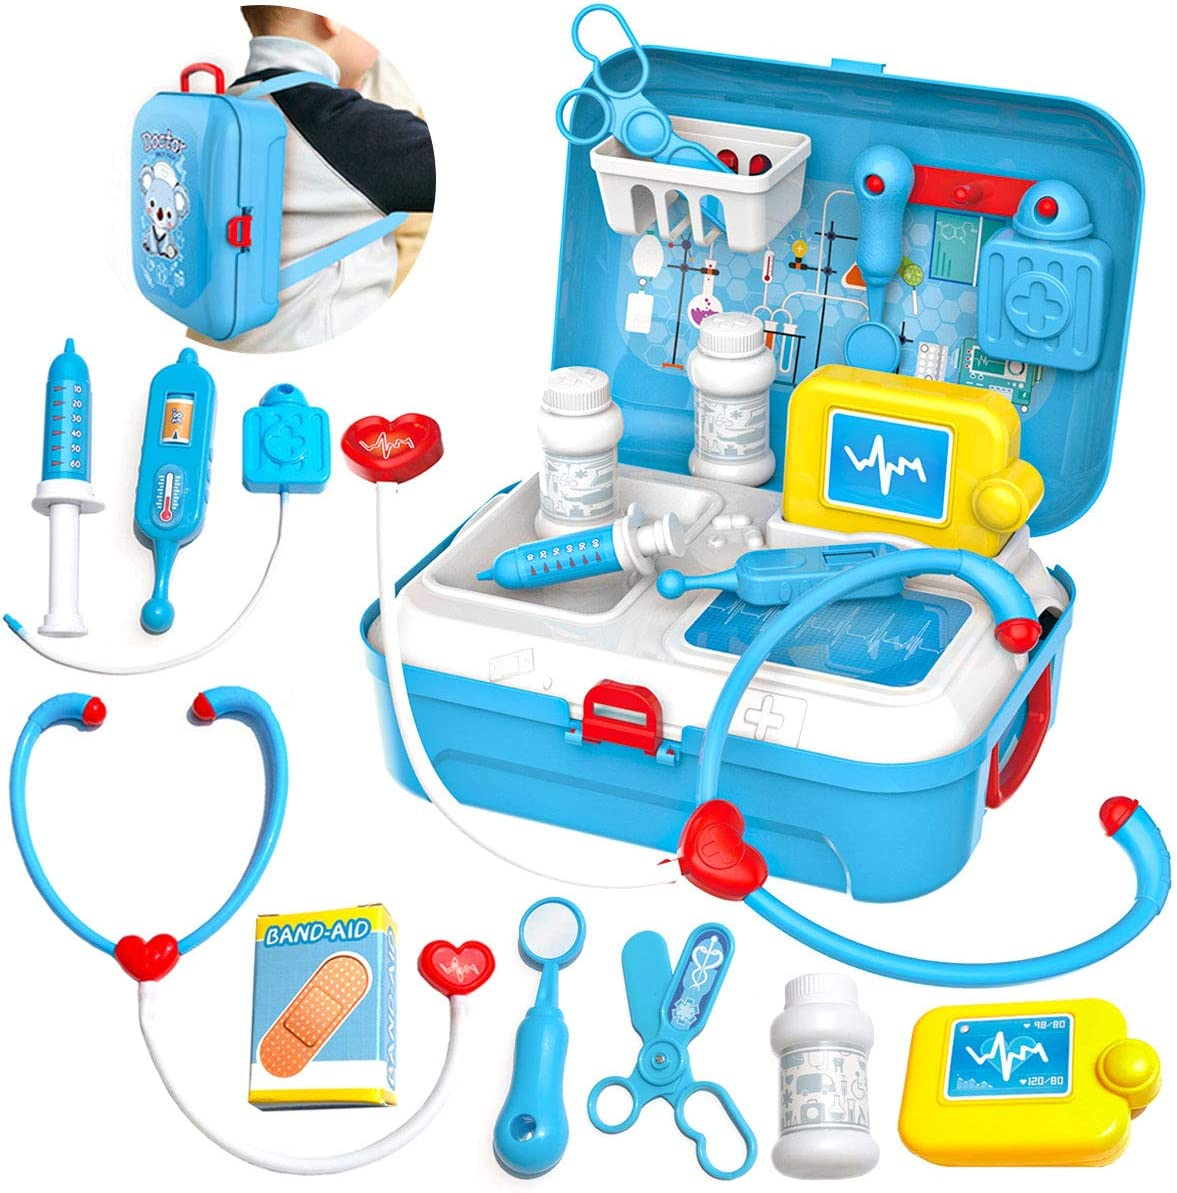 TW24 Kinder Arztkoffer Spielzeug Doktorkoffer Spielset Arzt Koffer Set Medizinkoffer Doktor Medizin Arztset